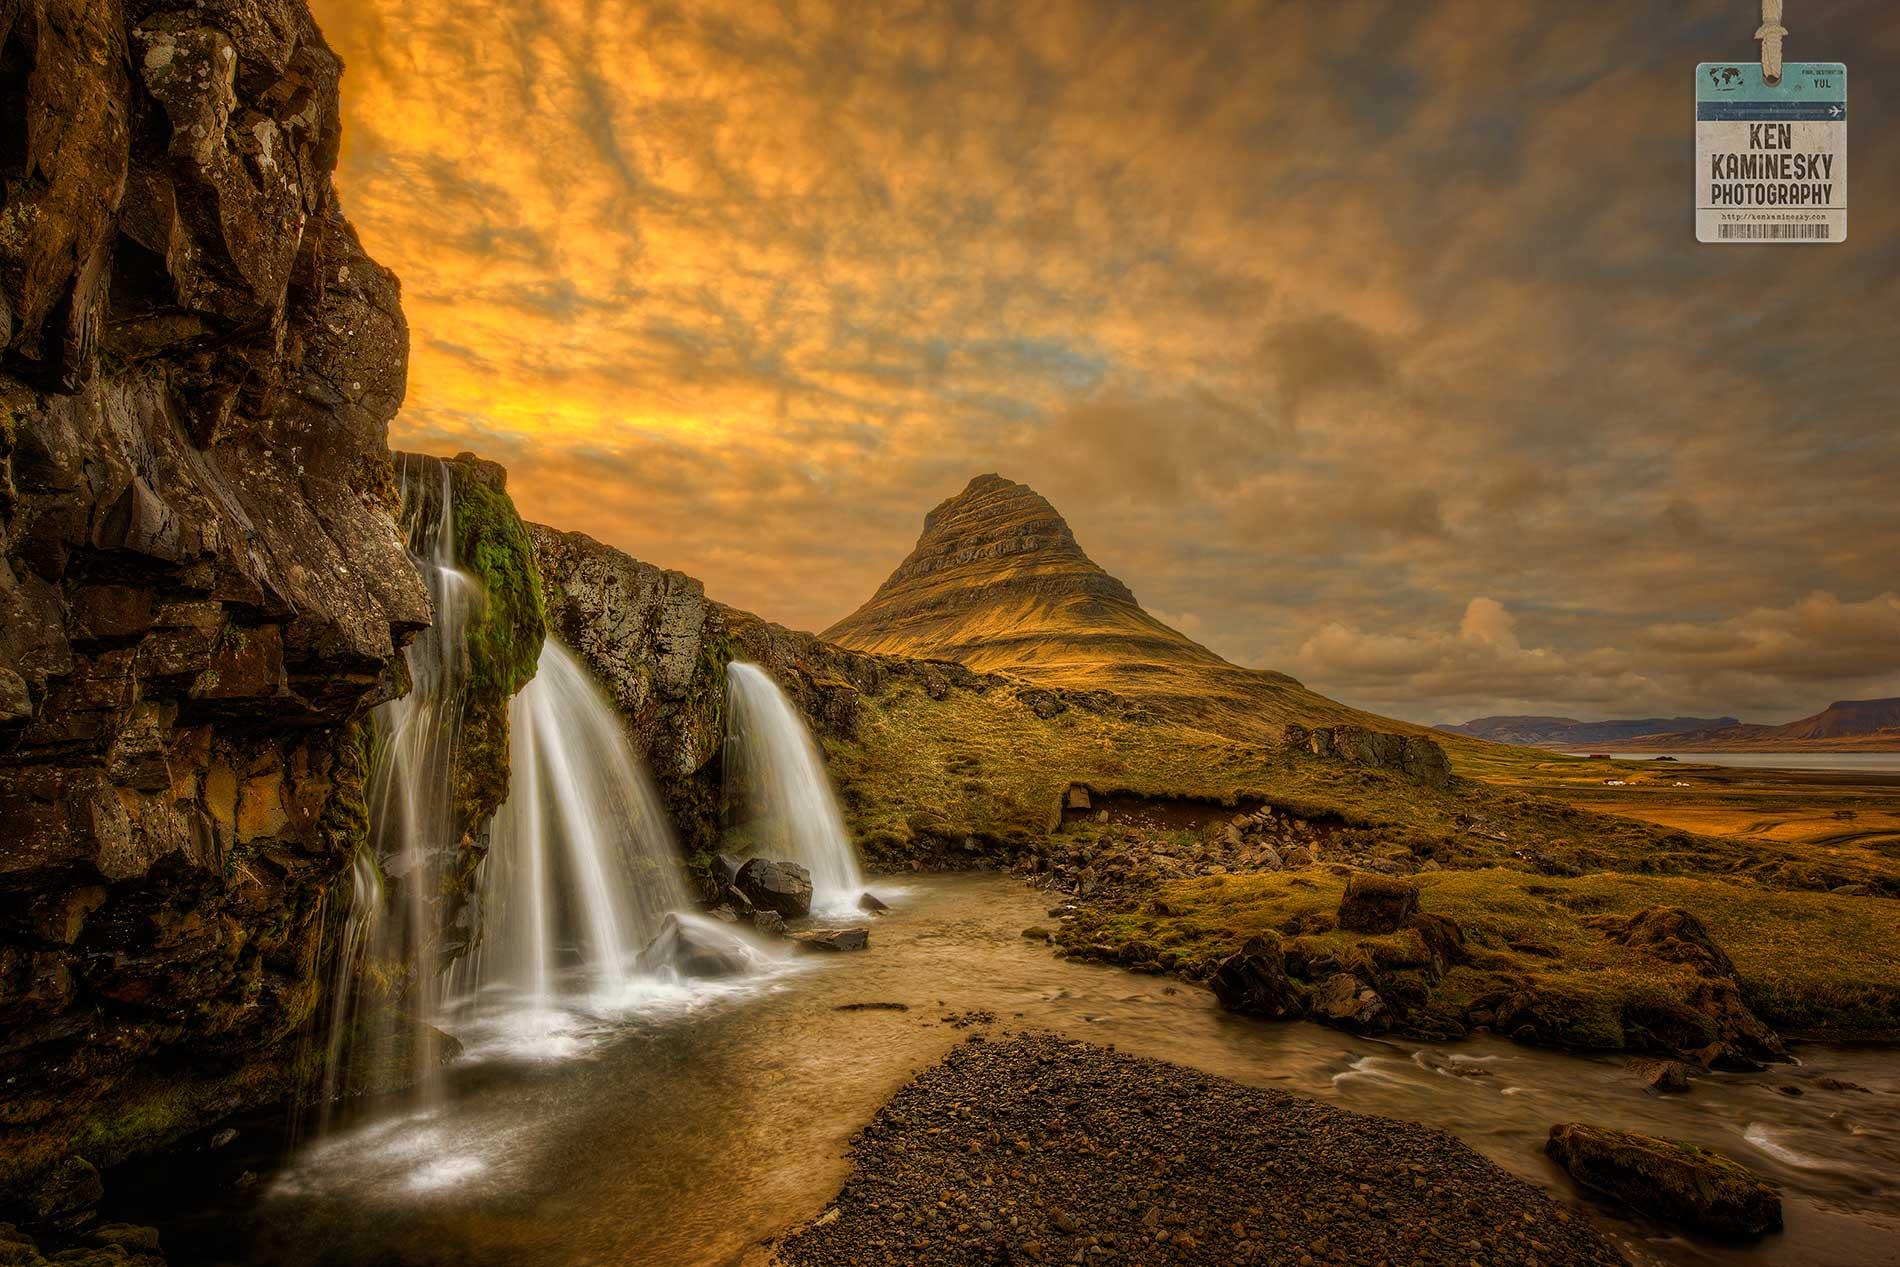 Kirkjufelfoss waterfalls in Iceland